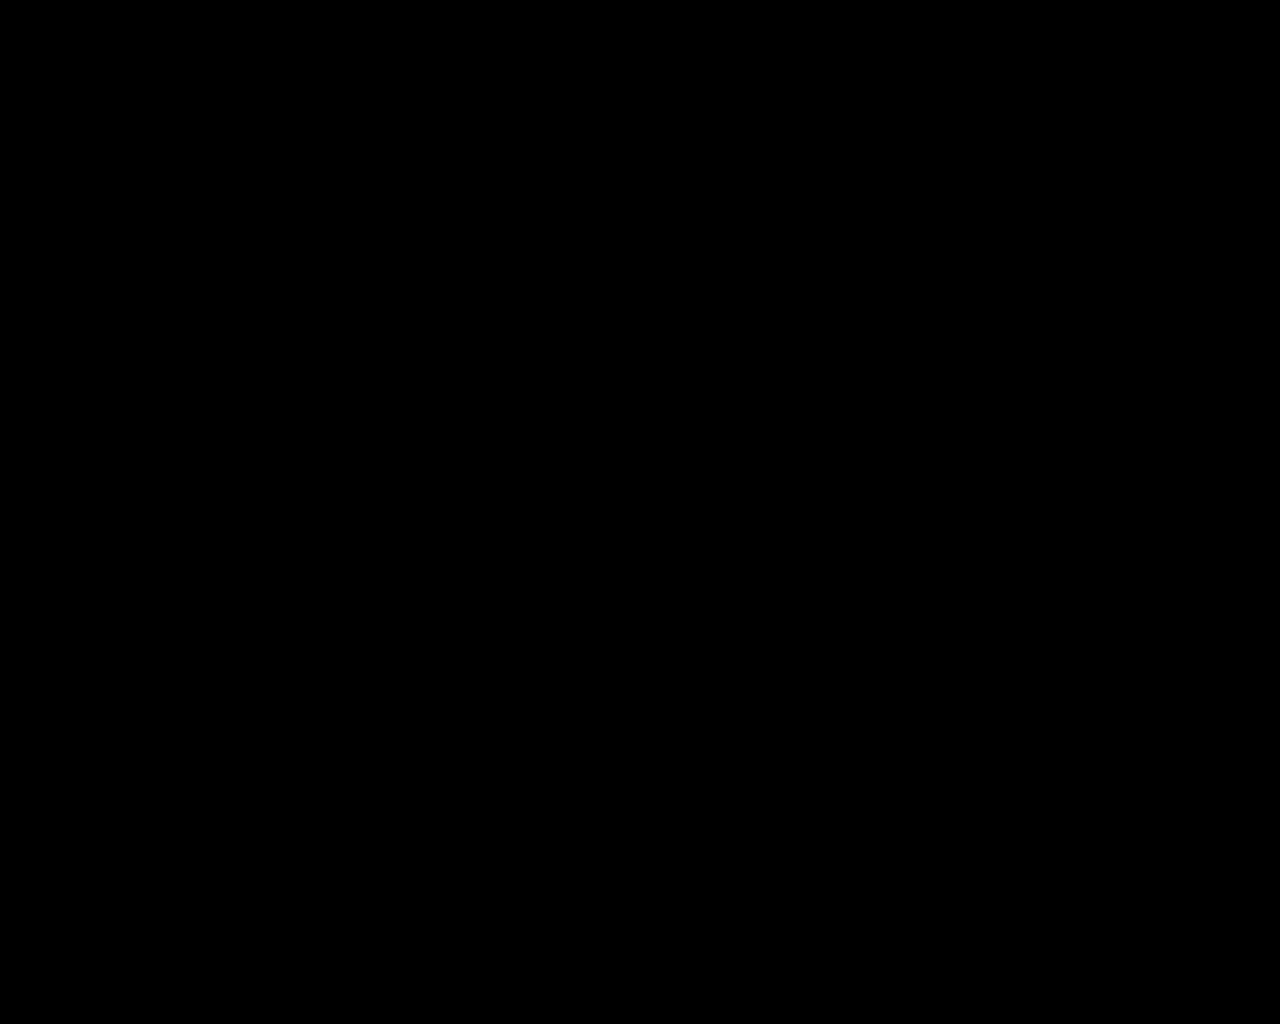 black_screen.jpg